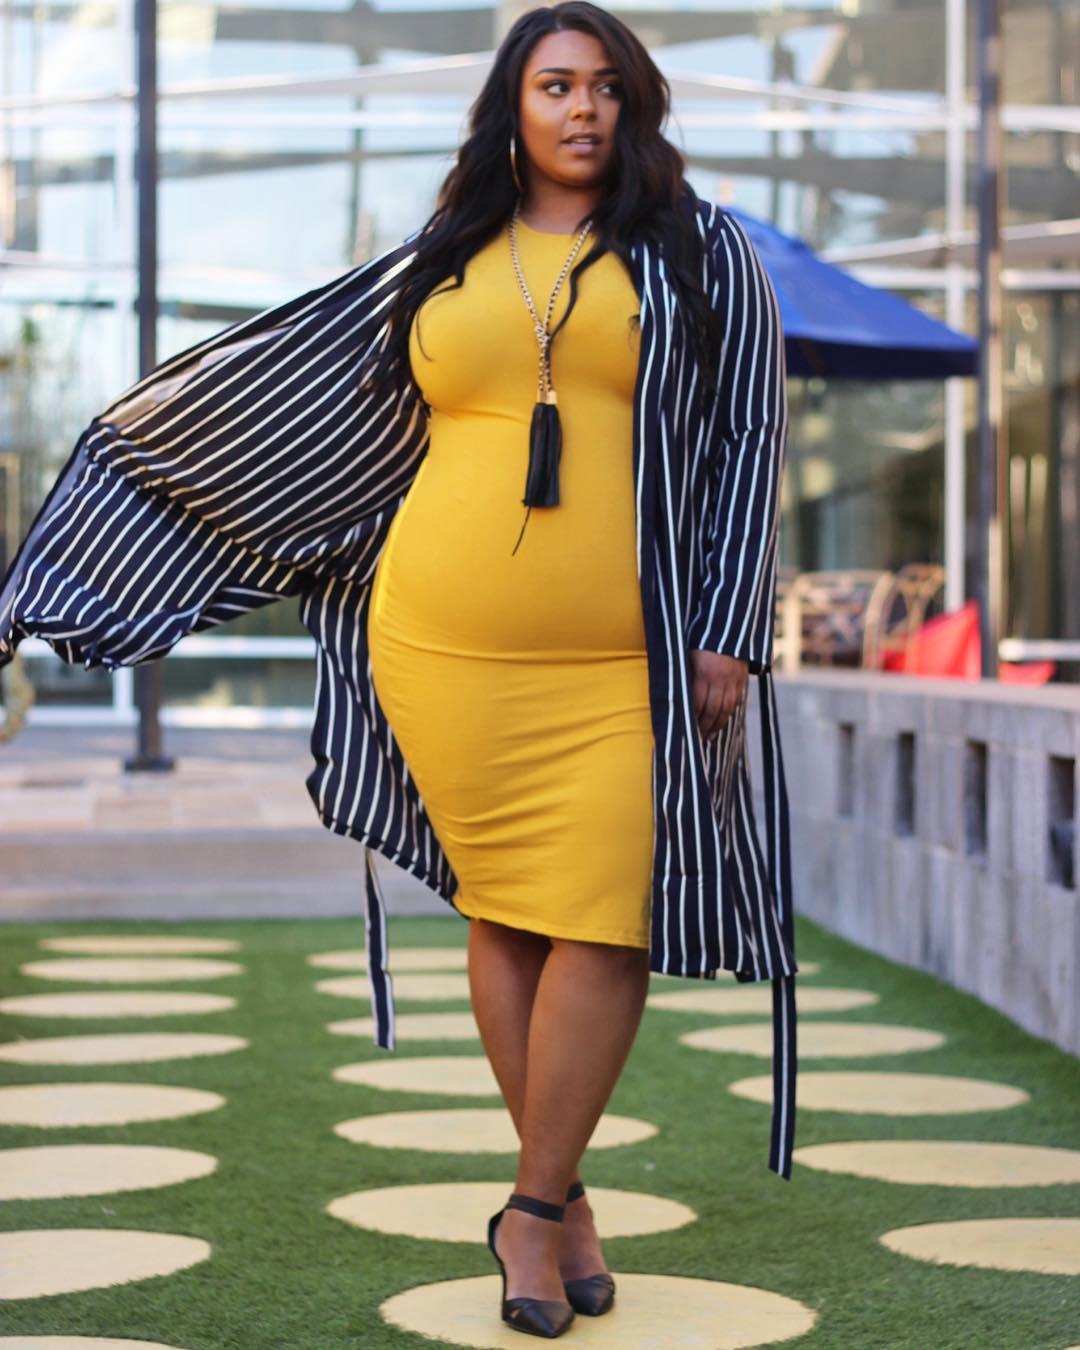 Curves stylish fashion blog photo